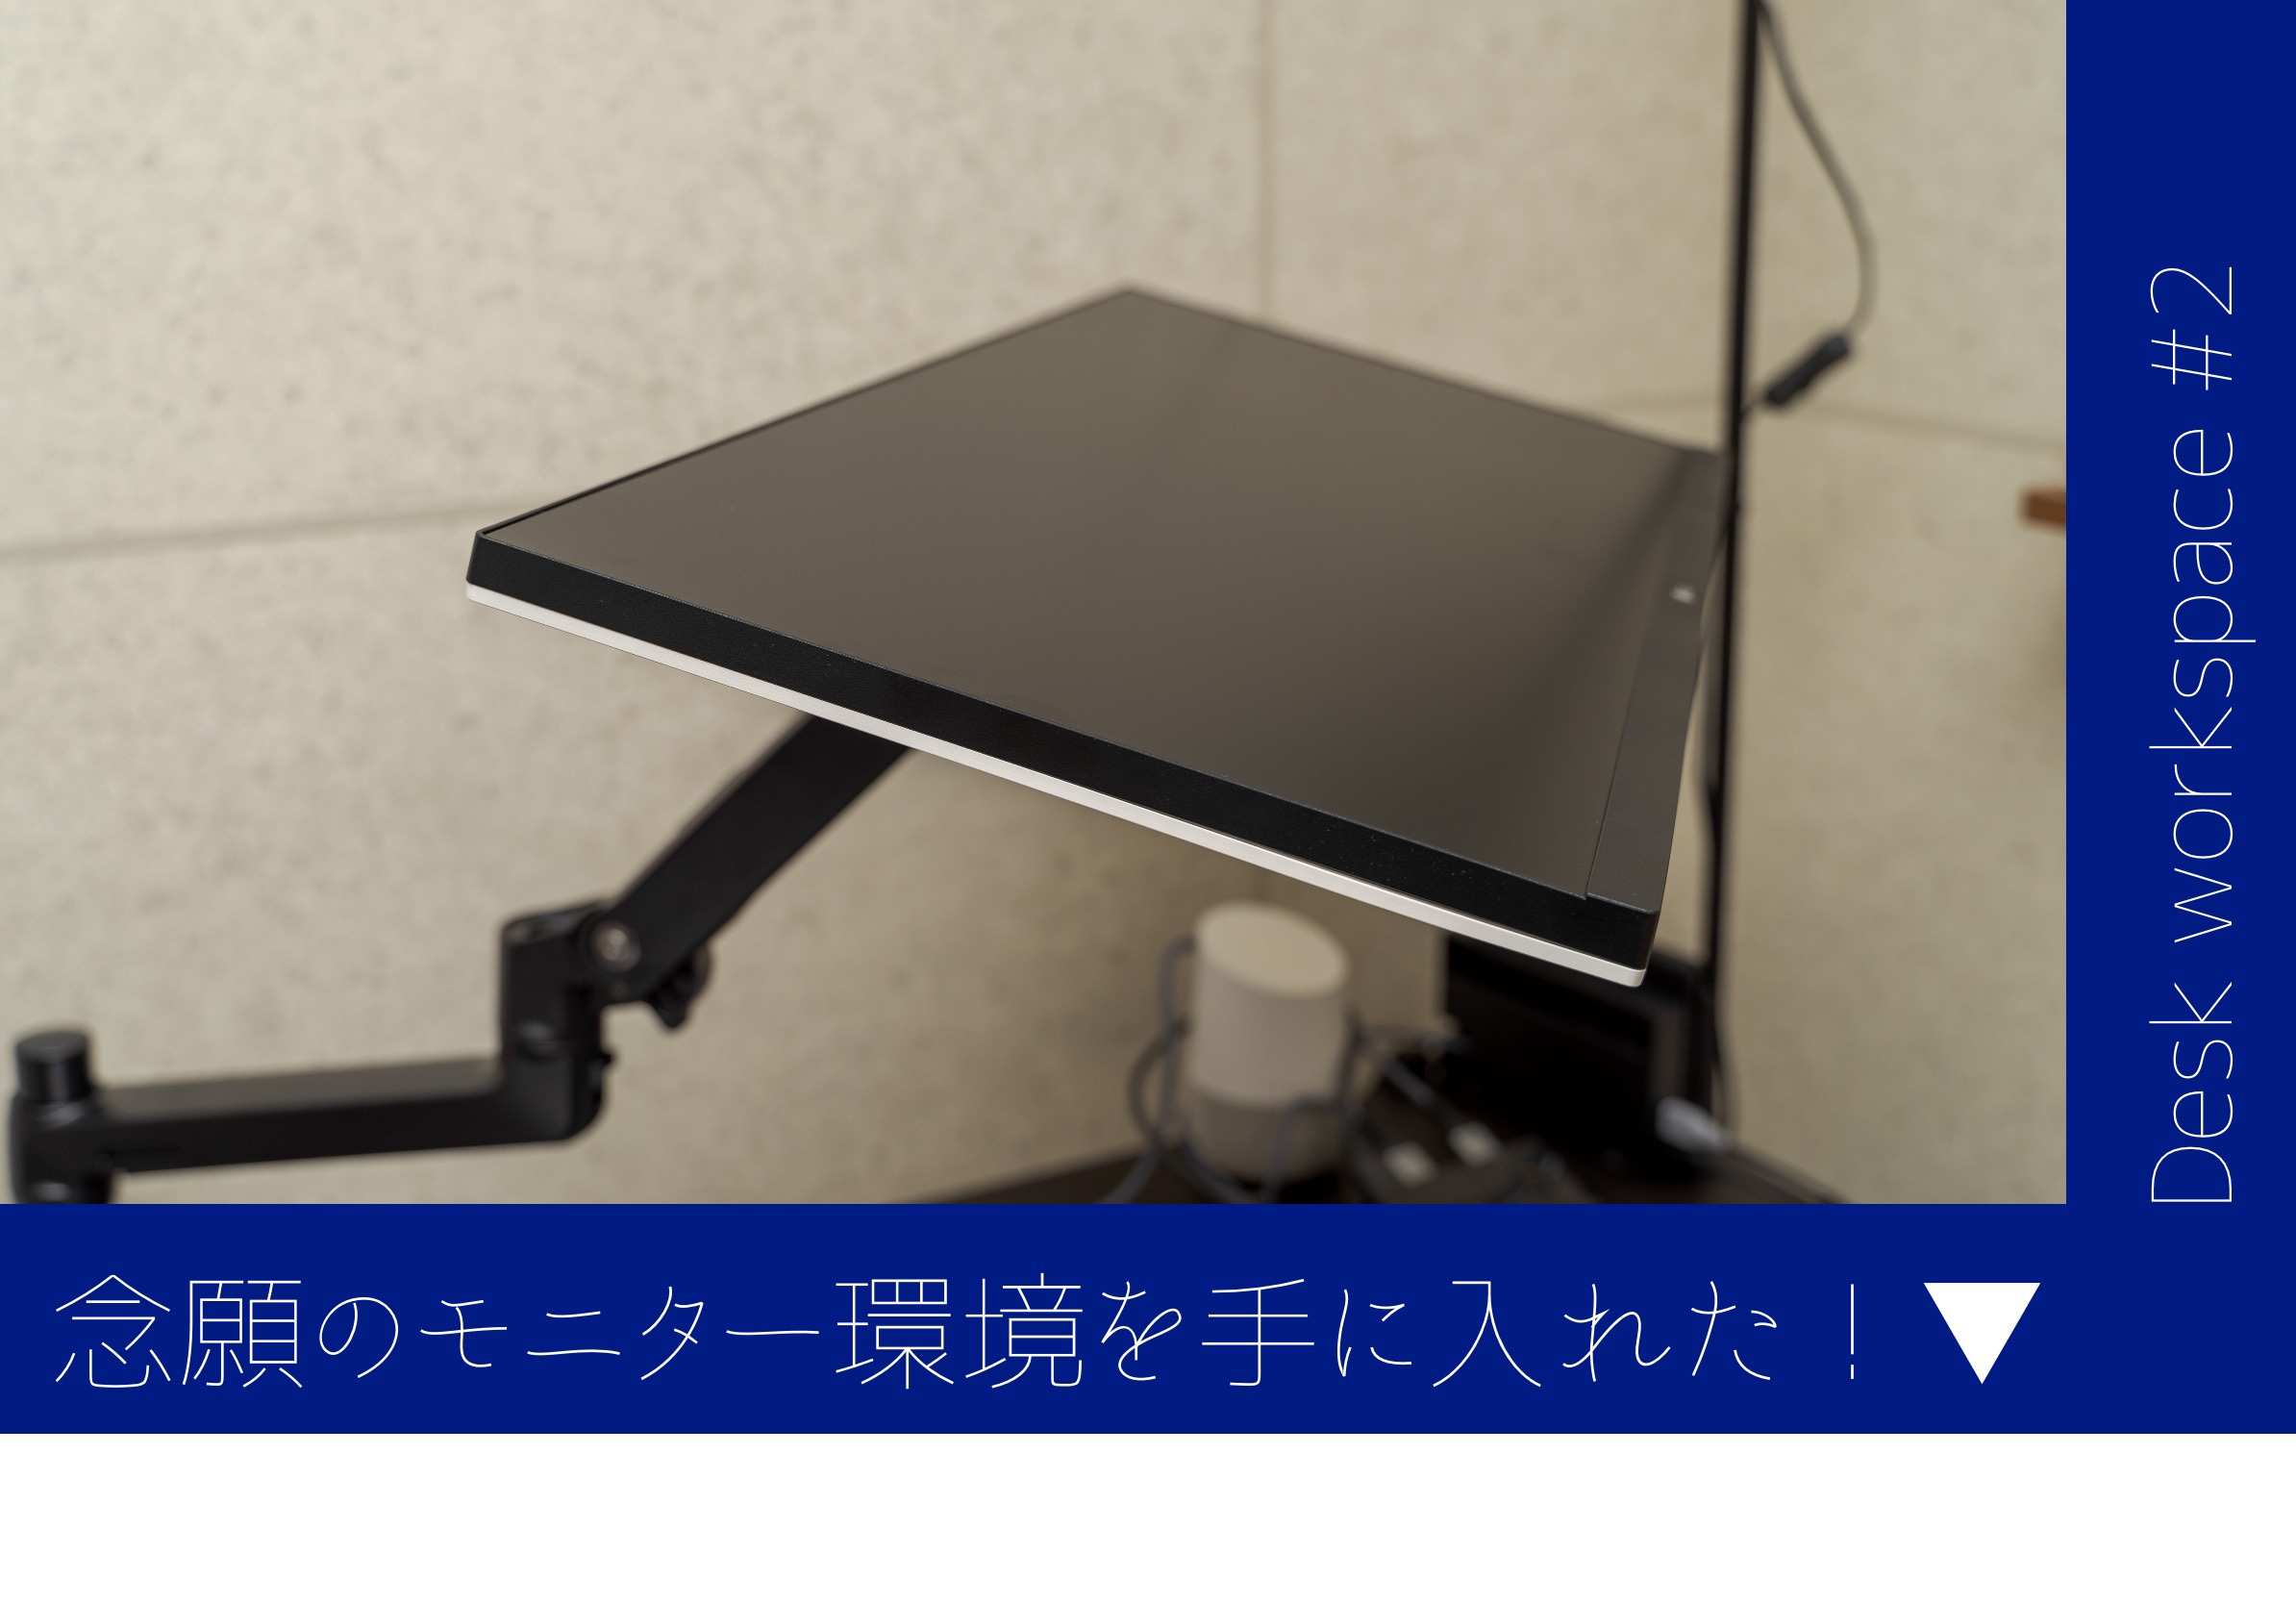 【デスク作業環境 #2】夢の環境、ついに来る。LG『29WN600-W』/amazonベーシック モニターアーム